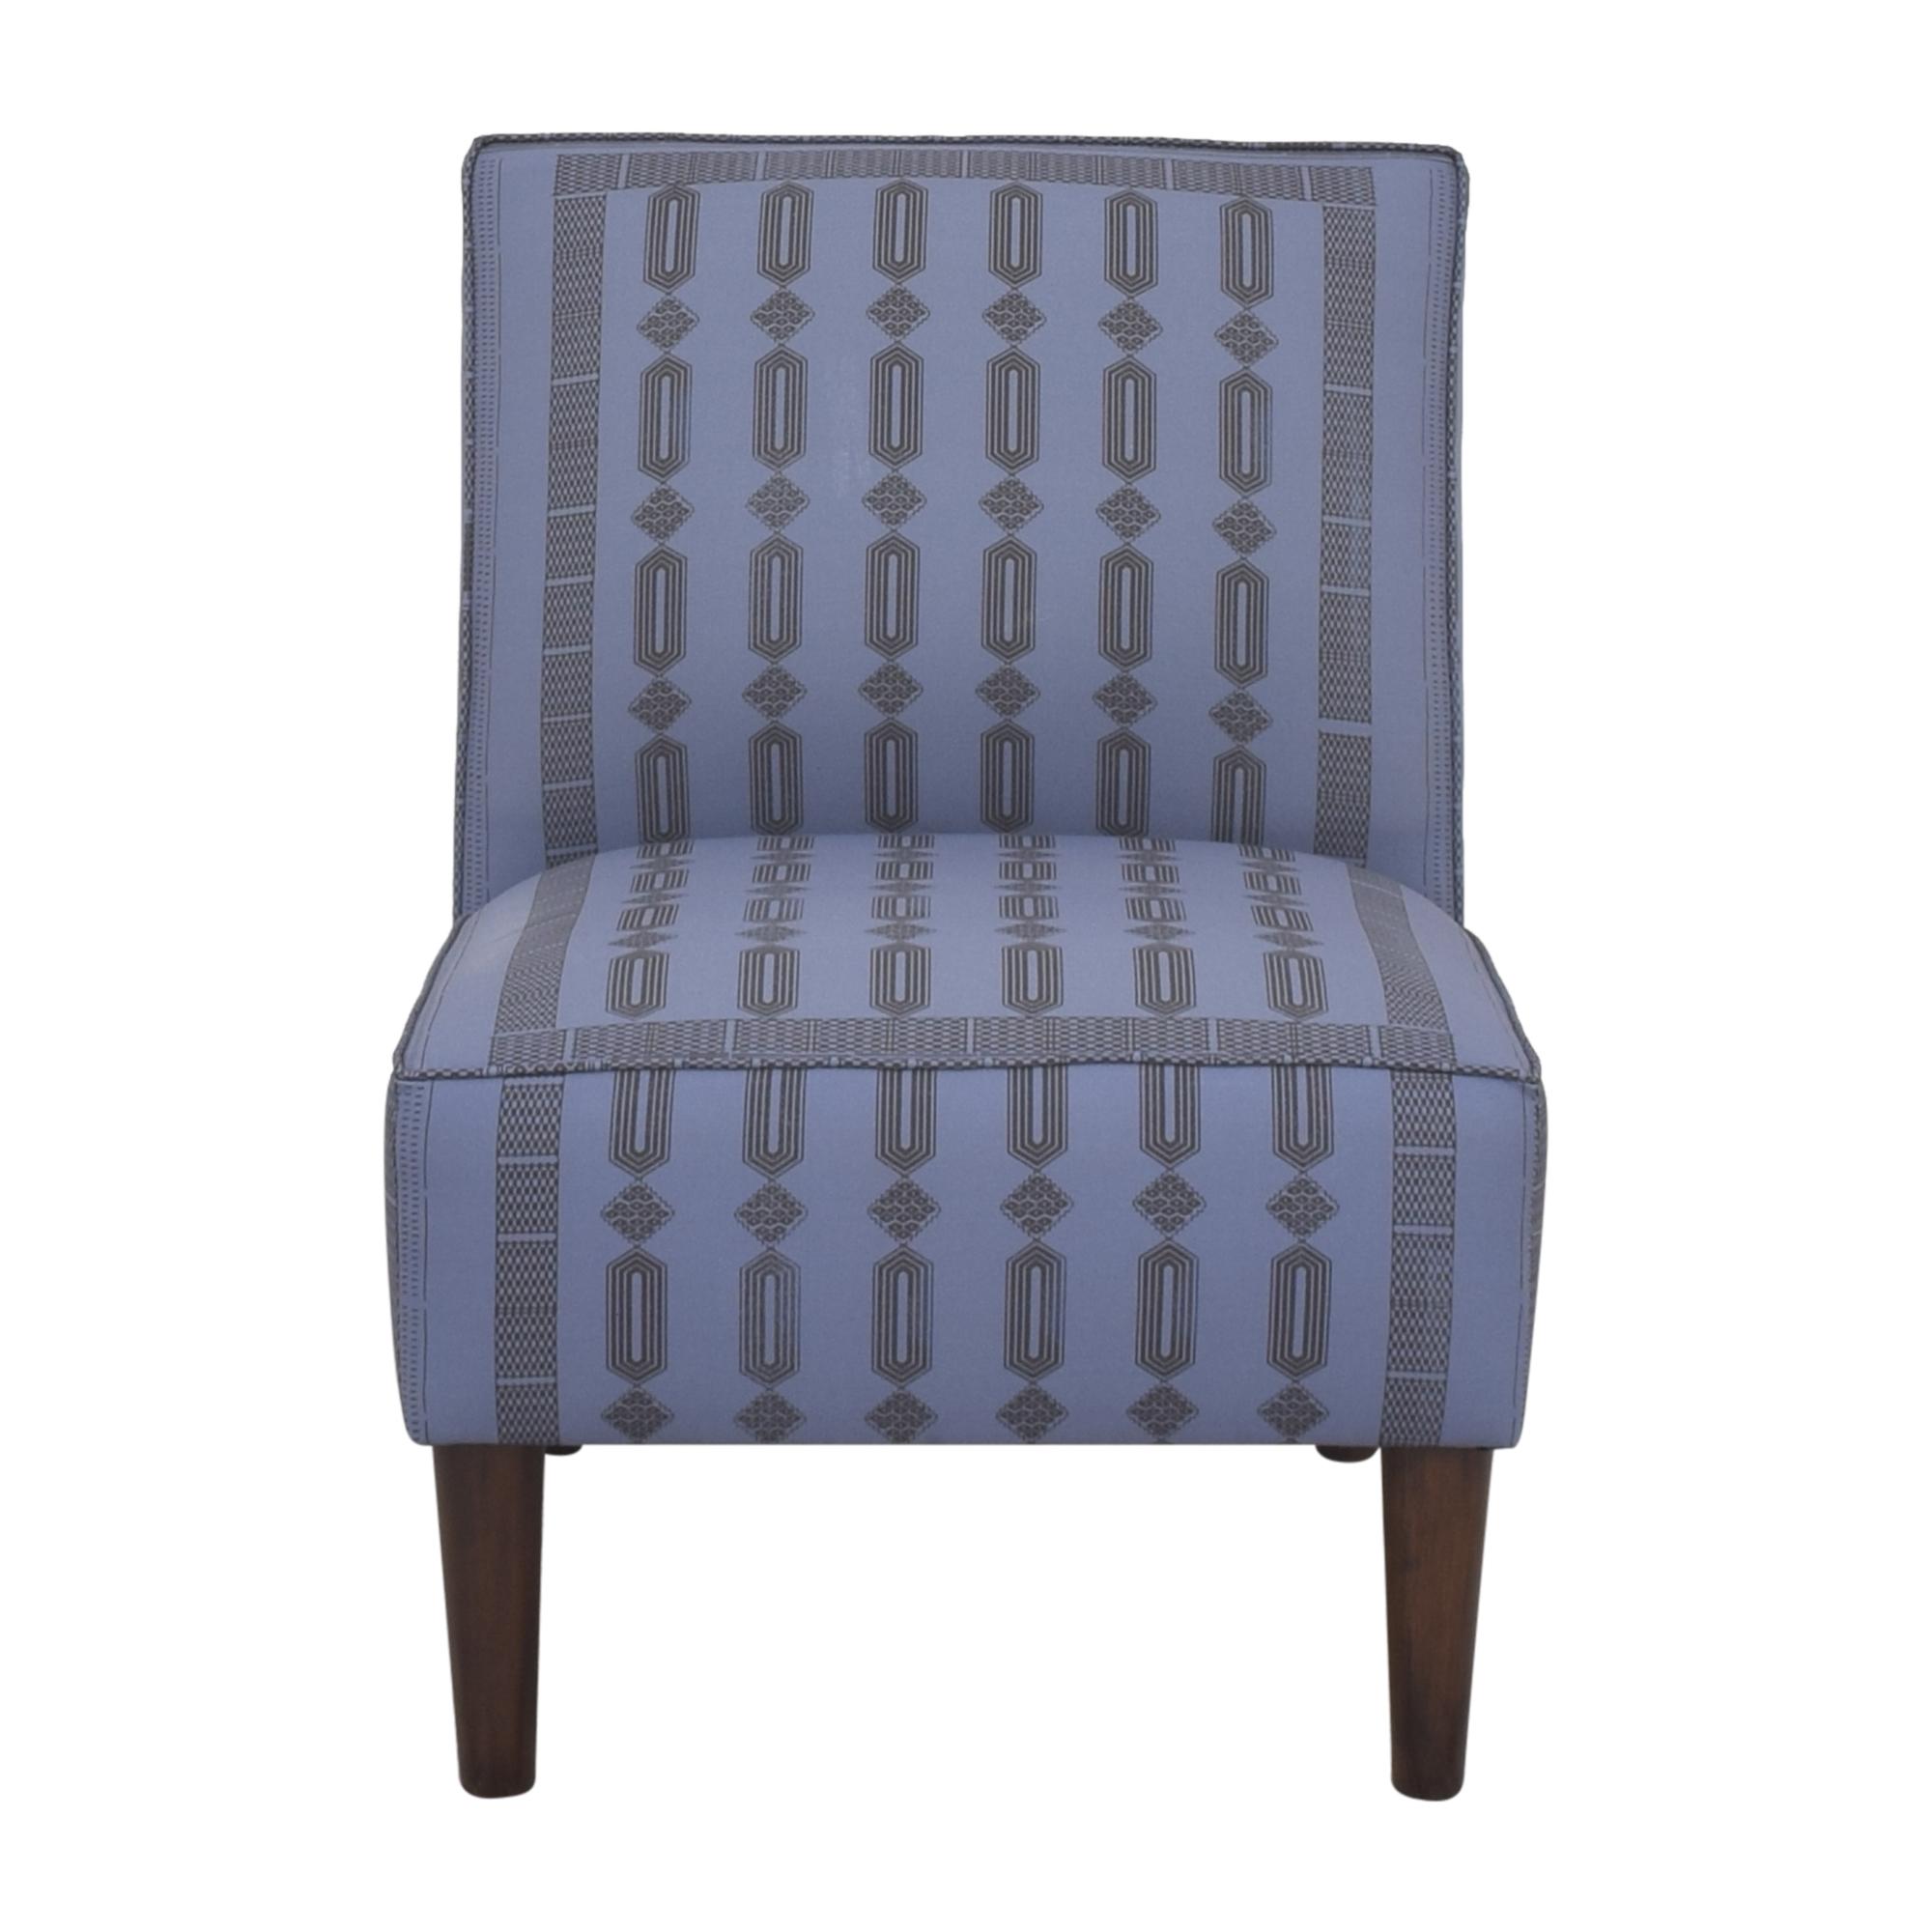 buy The Inside The Inside Slipper Chair online